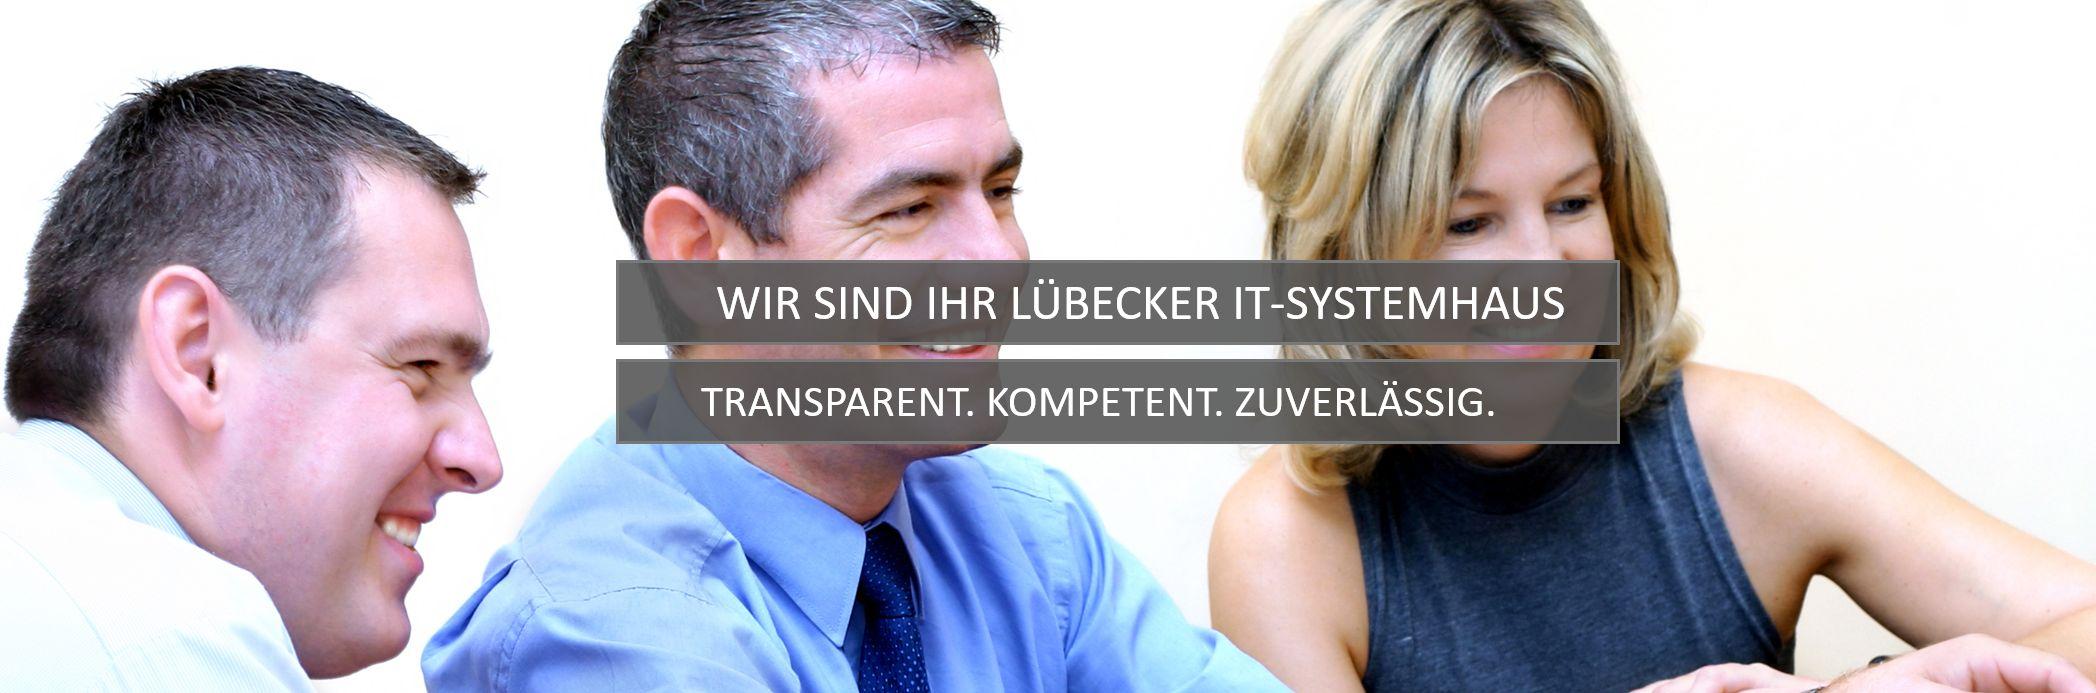 Wir sind ihr Lübecker IT-Systemhaus